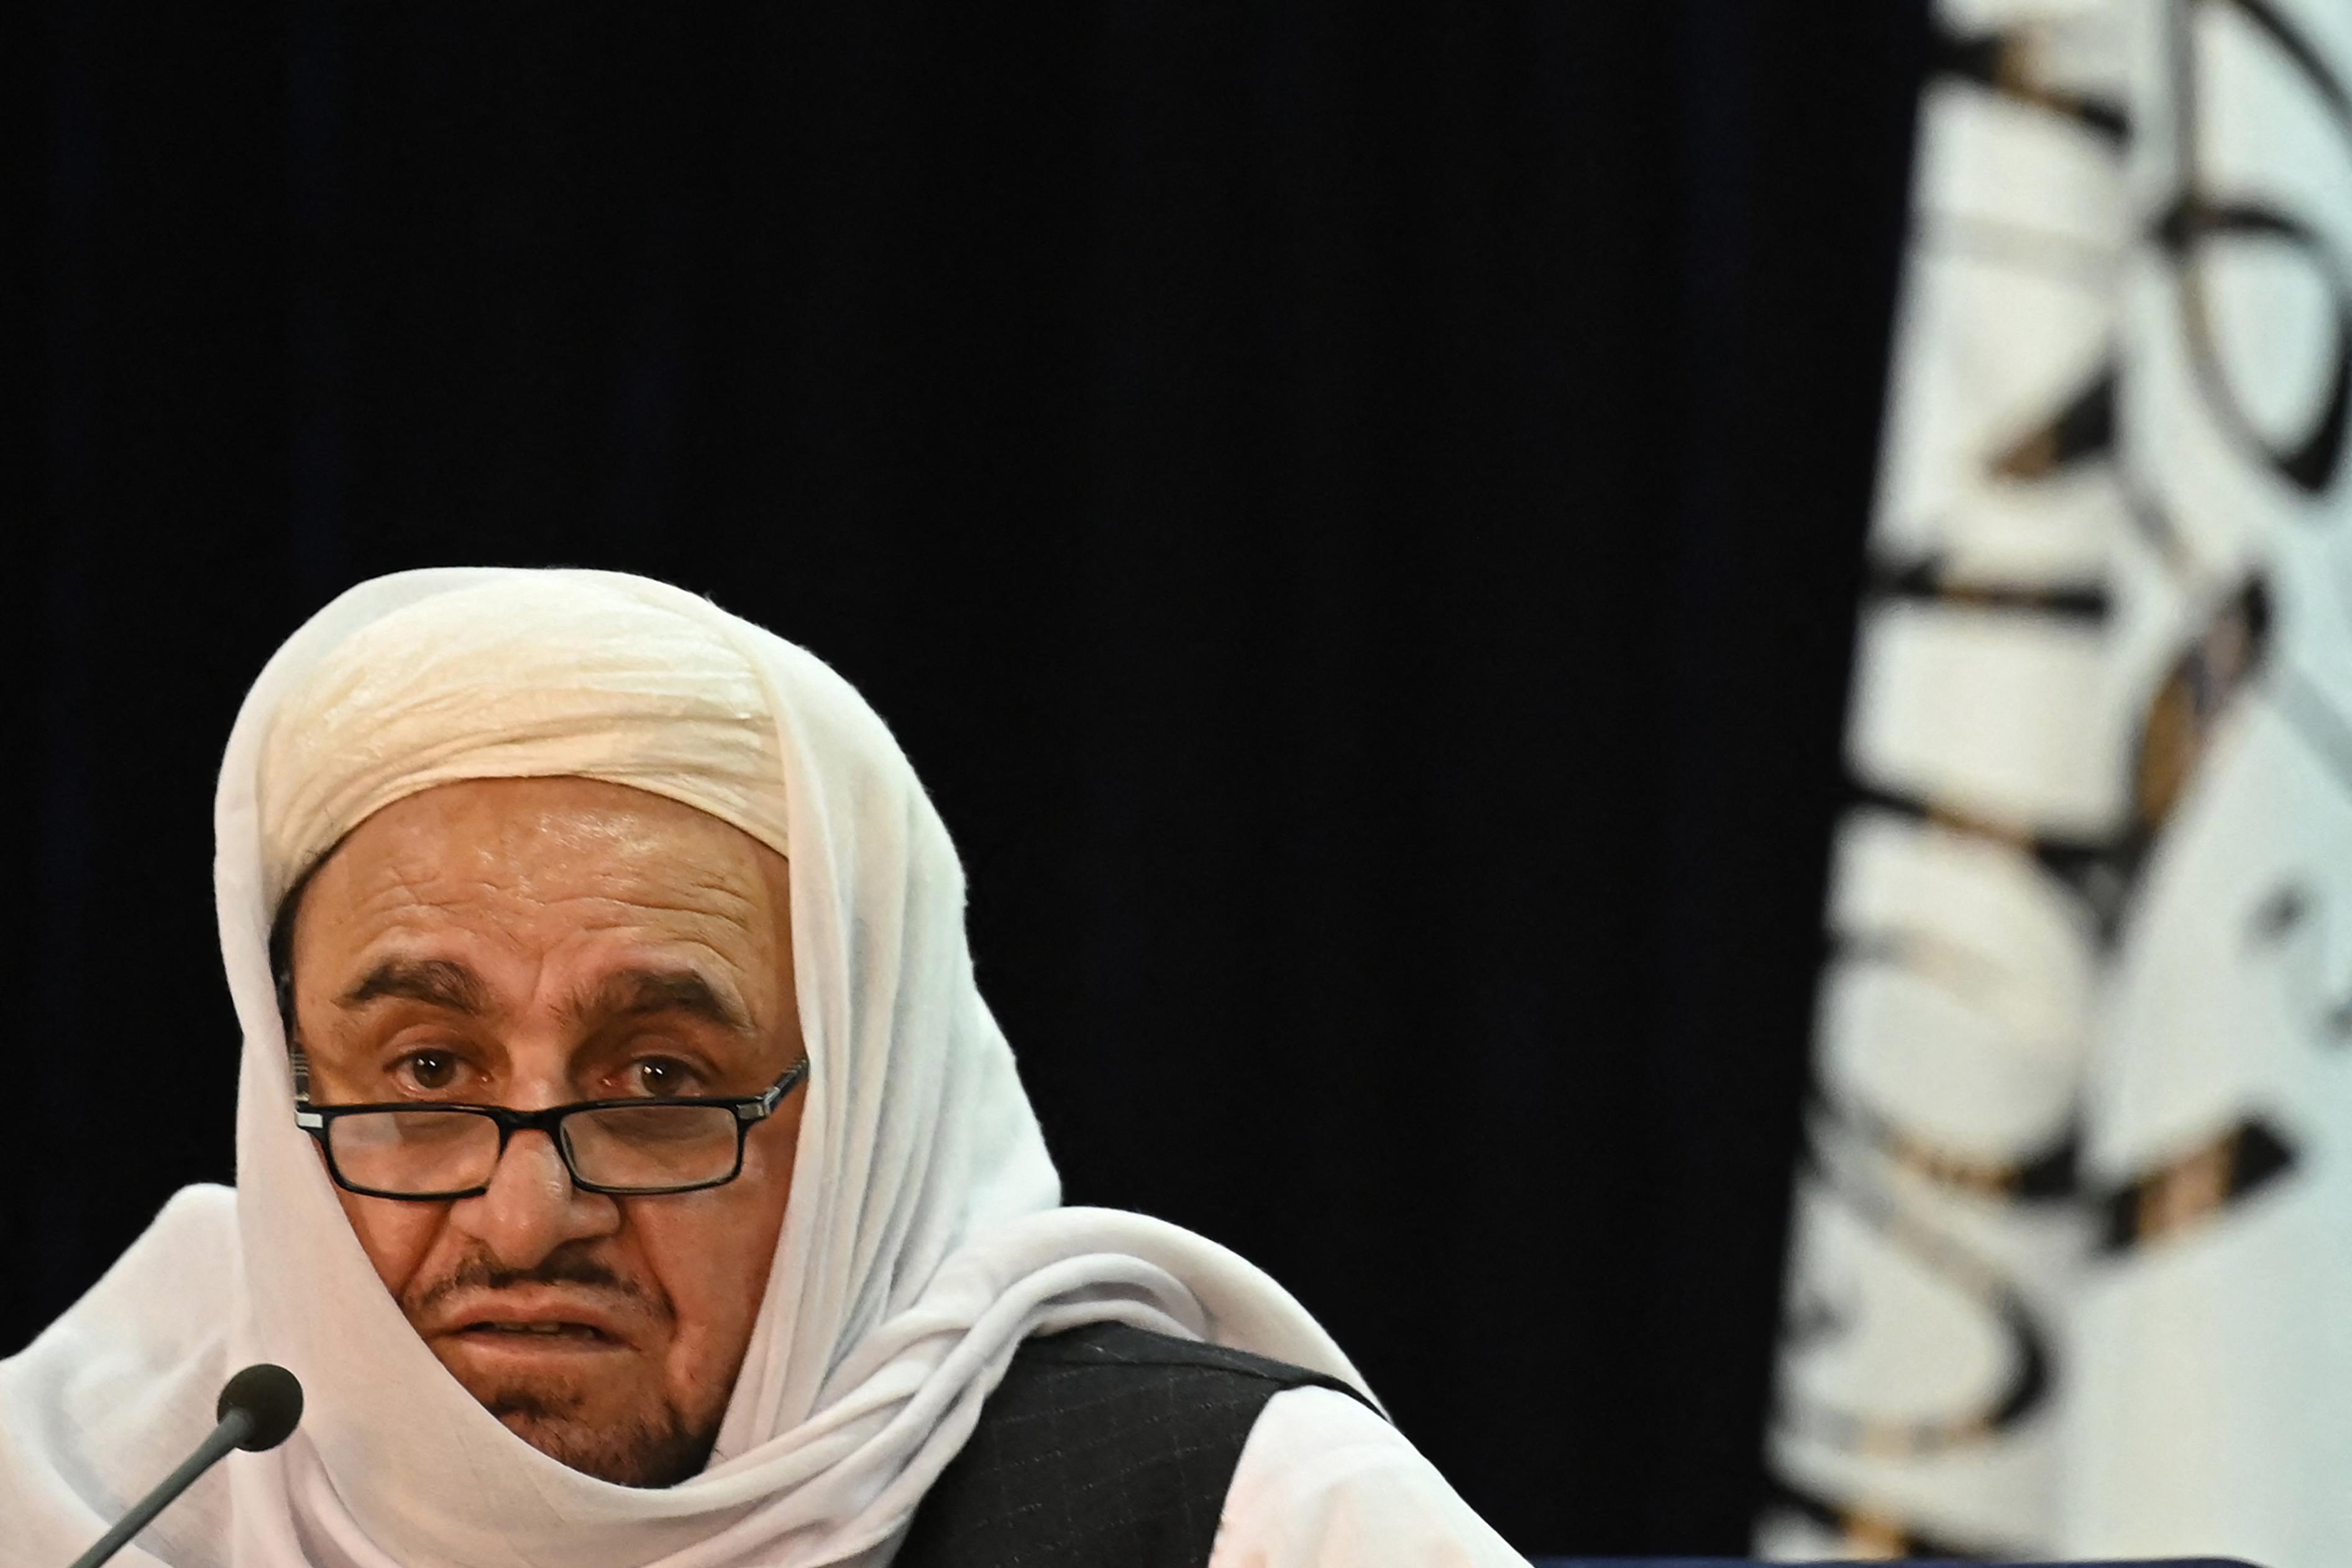 A tálibok azt ígérik, hogy tanulhatnak nők az egyetemeken, de a koedukált oktatásnak vége